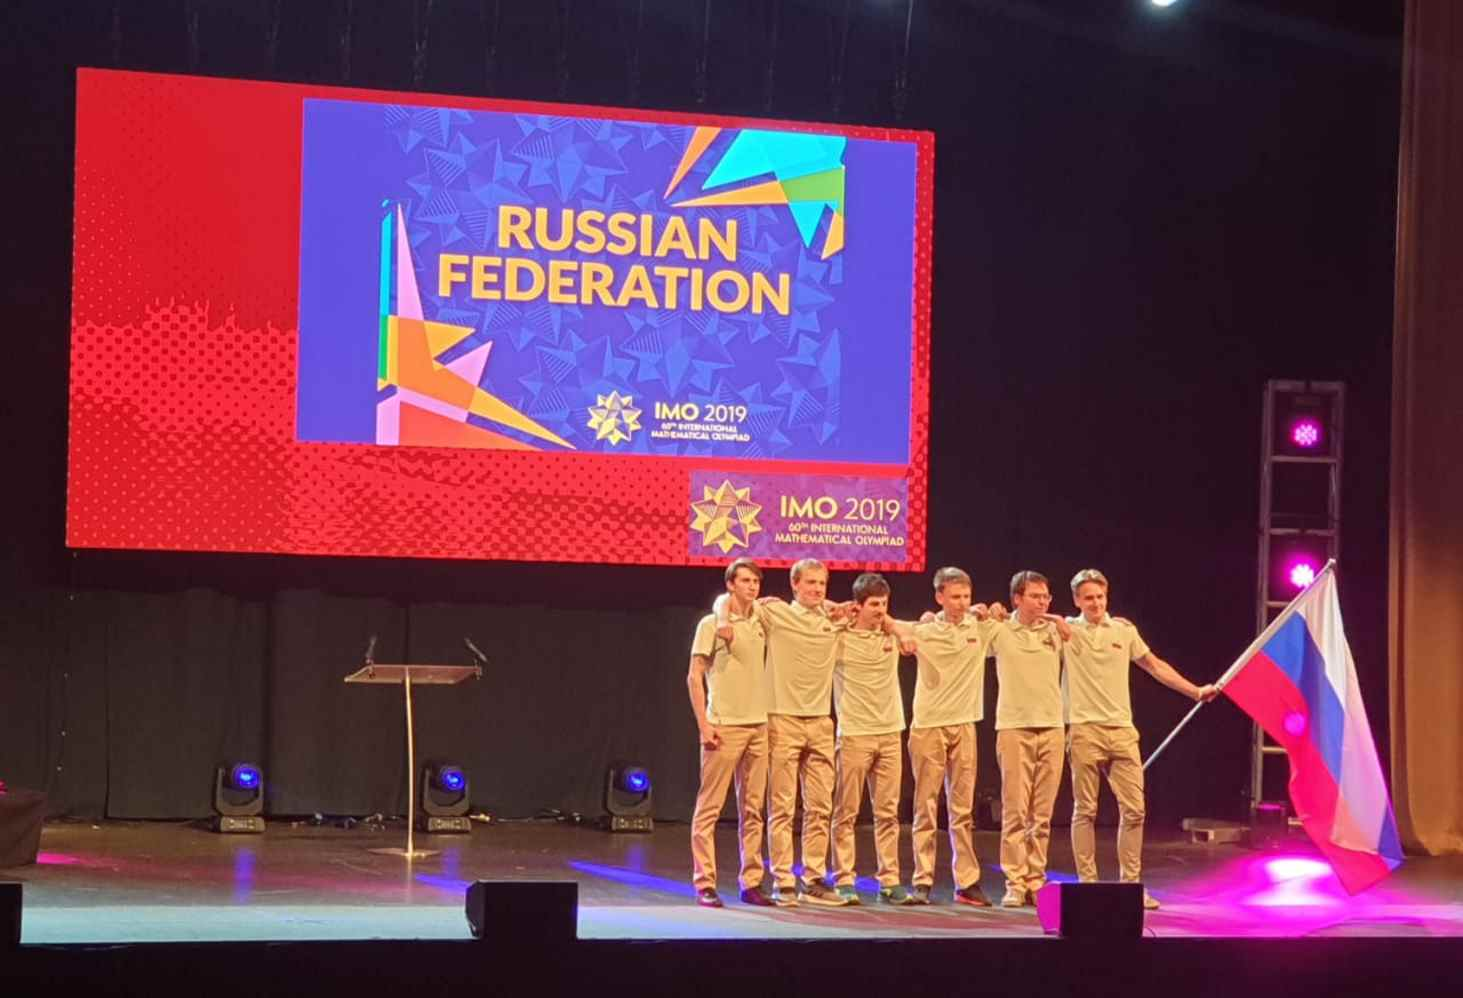 rossijskie-shkolniki-zavoevali-desyat-medalej-na-mezhdunarodnyh-olimpiadah-po-biologii-i-matematike